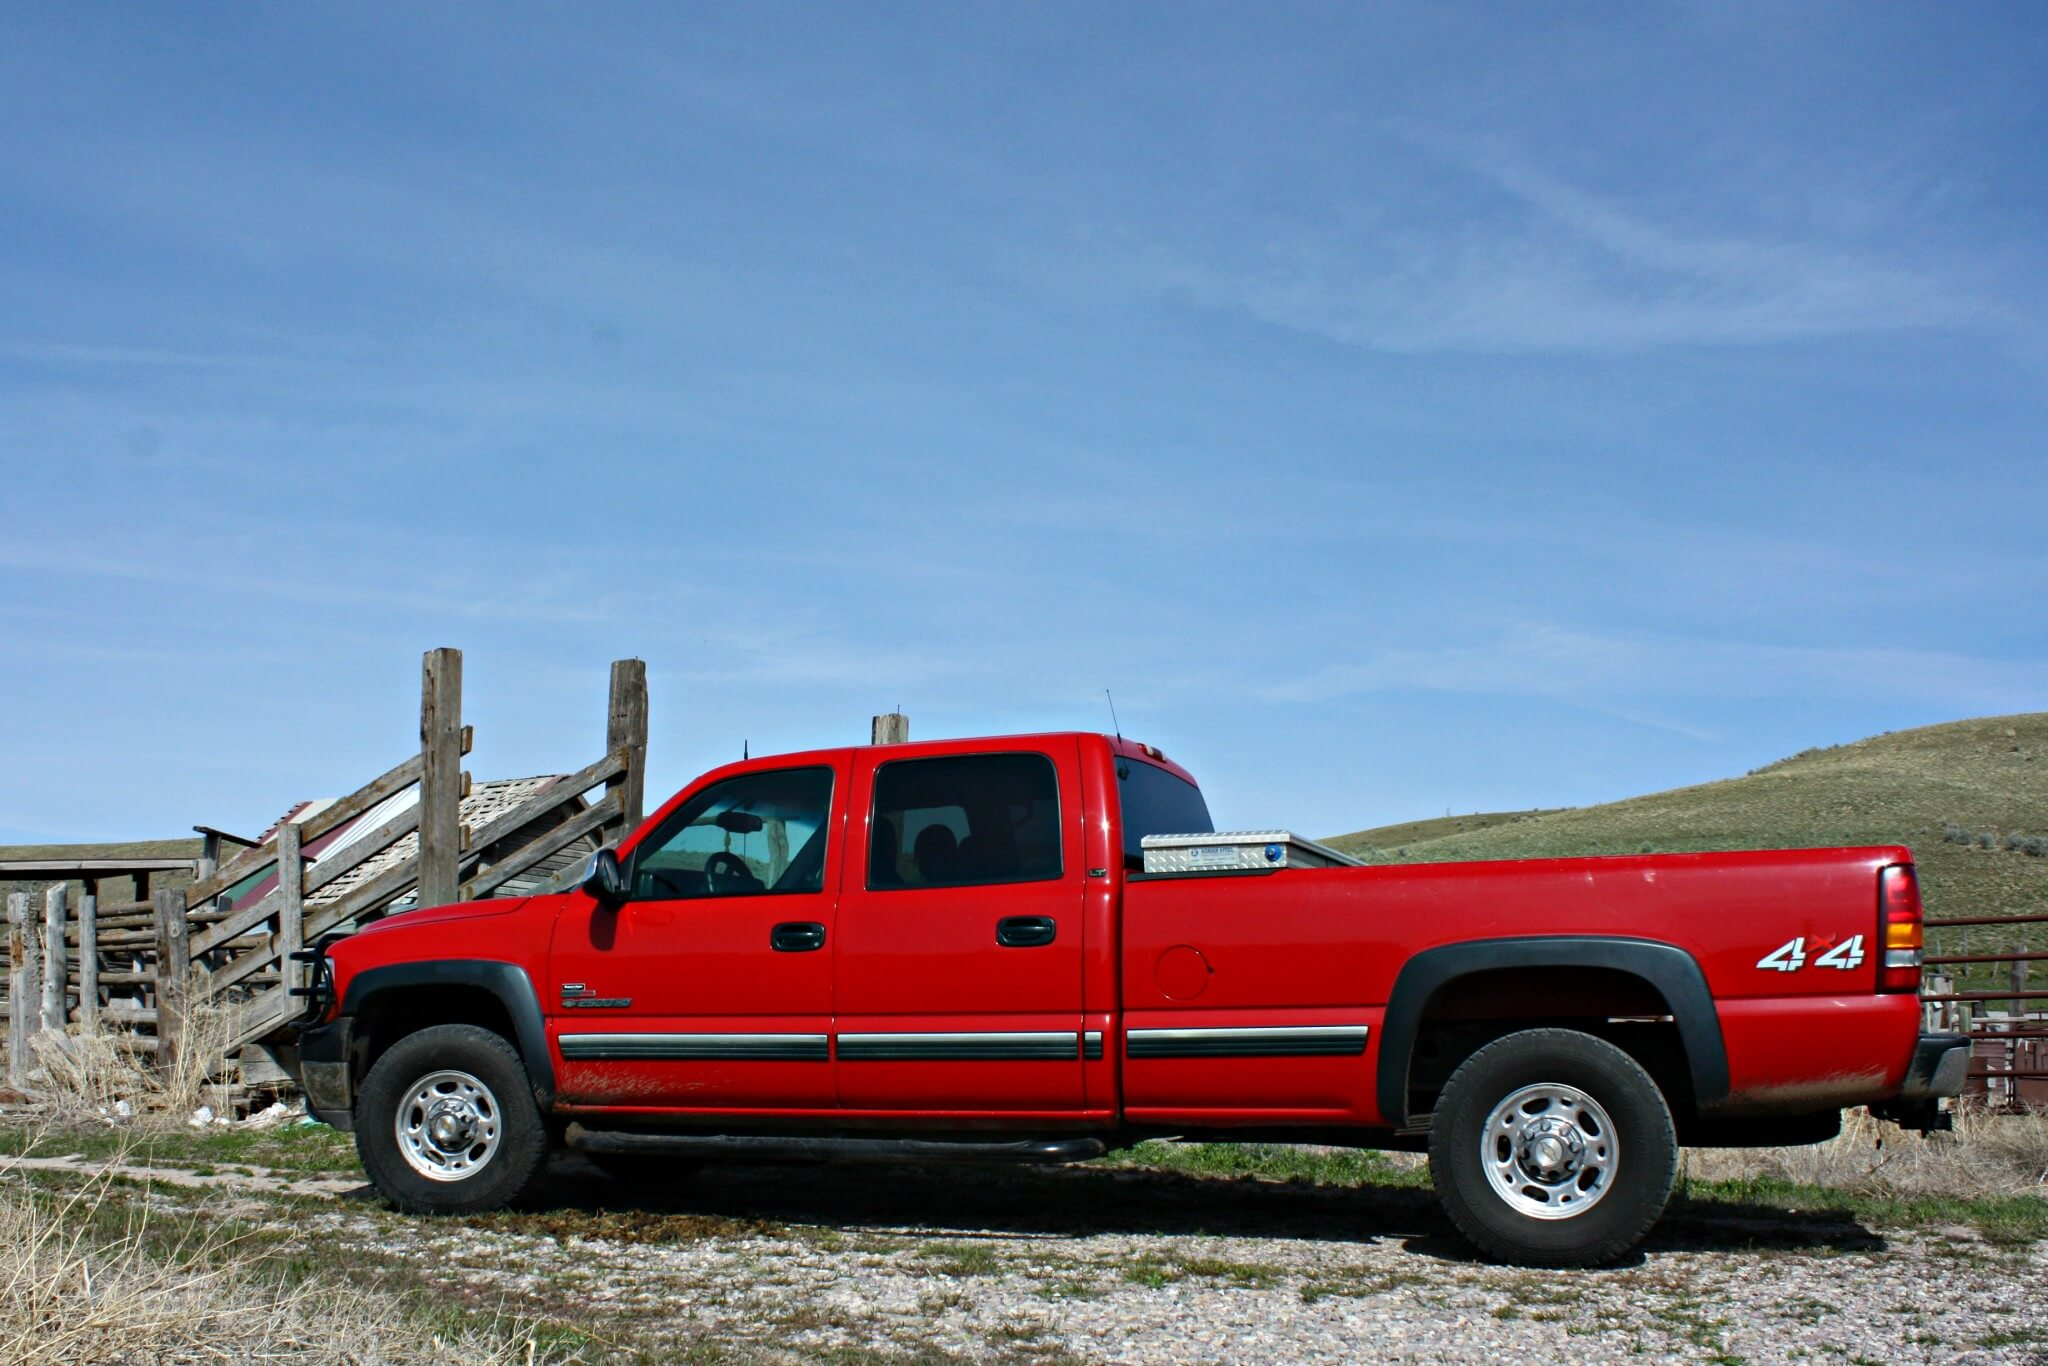 2001 02 03 04 05 LB7 LLY Connecting Rod Chevy GMC 2500 3500HD Duramax Diesel 6.6